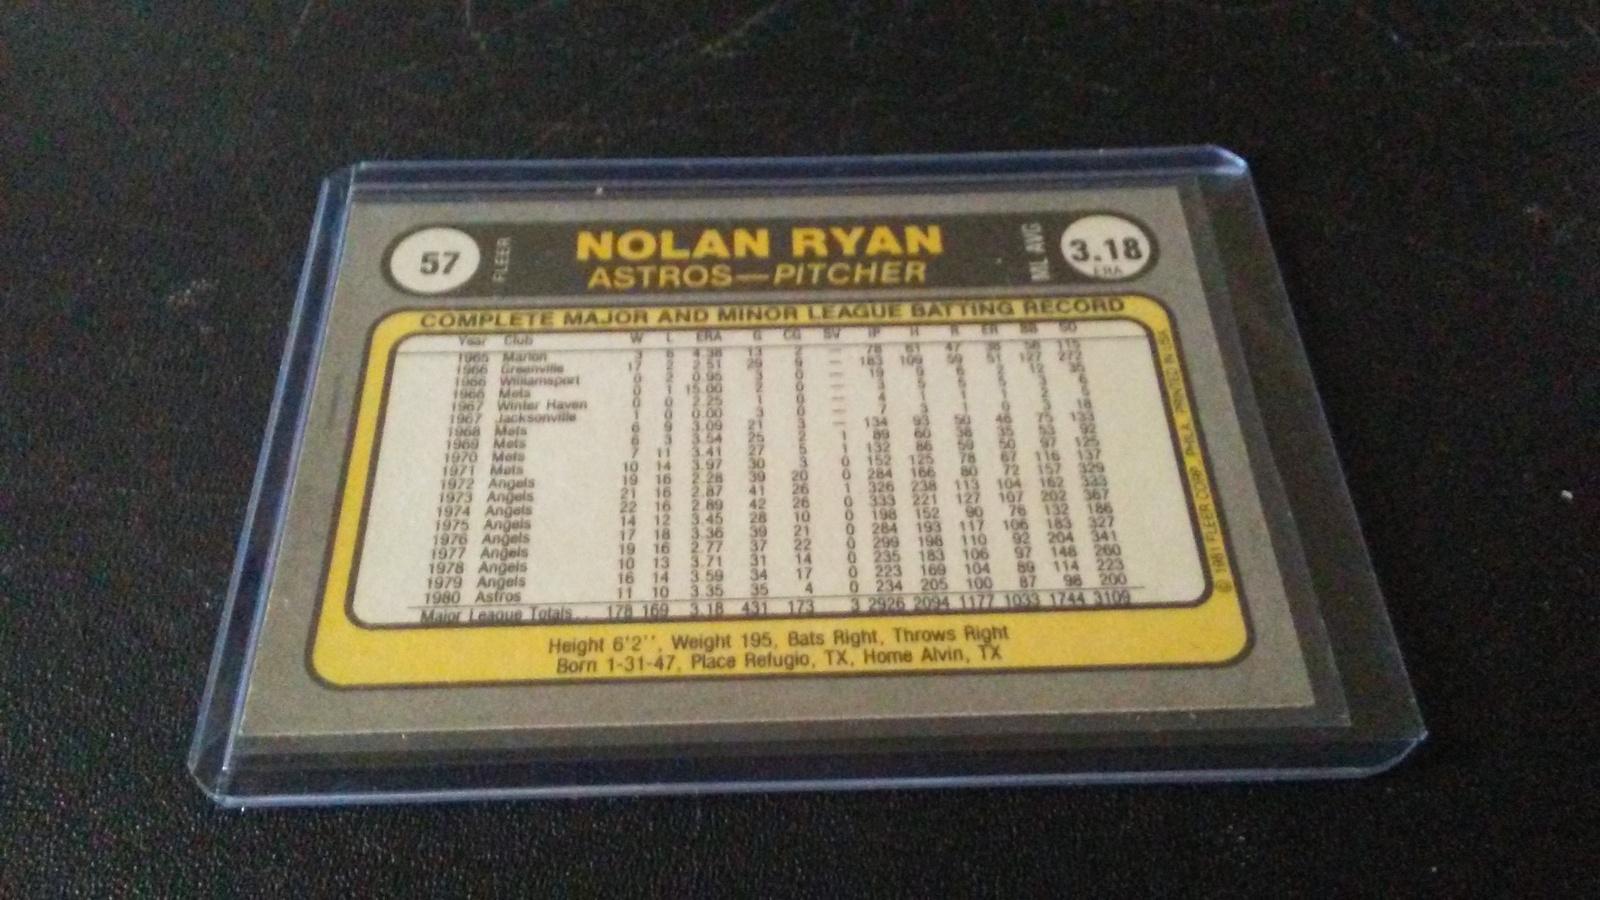 1981 Fleer Nolan Ryan image 2